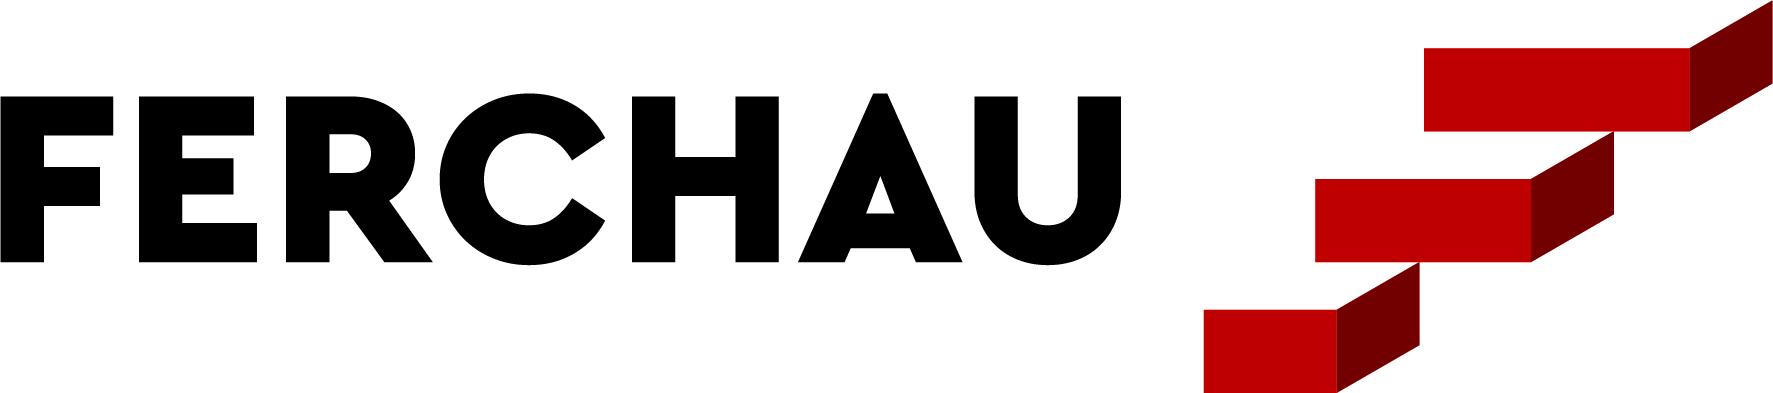 FERCHAU GmbH, Niederlassung Köln